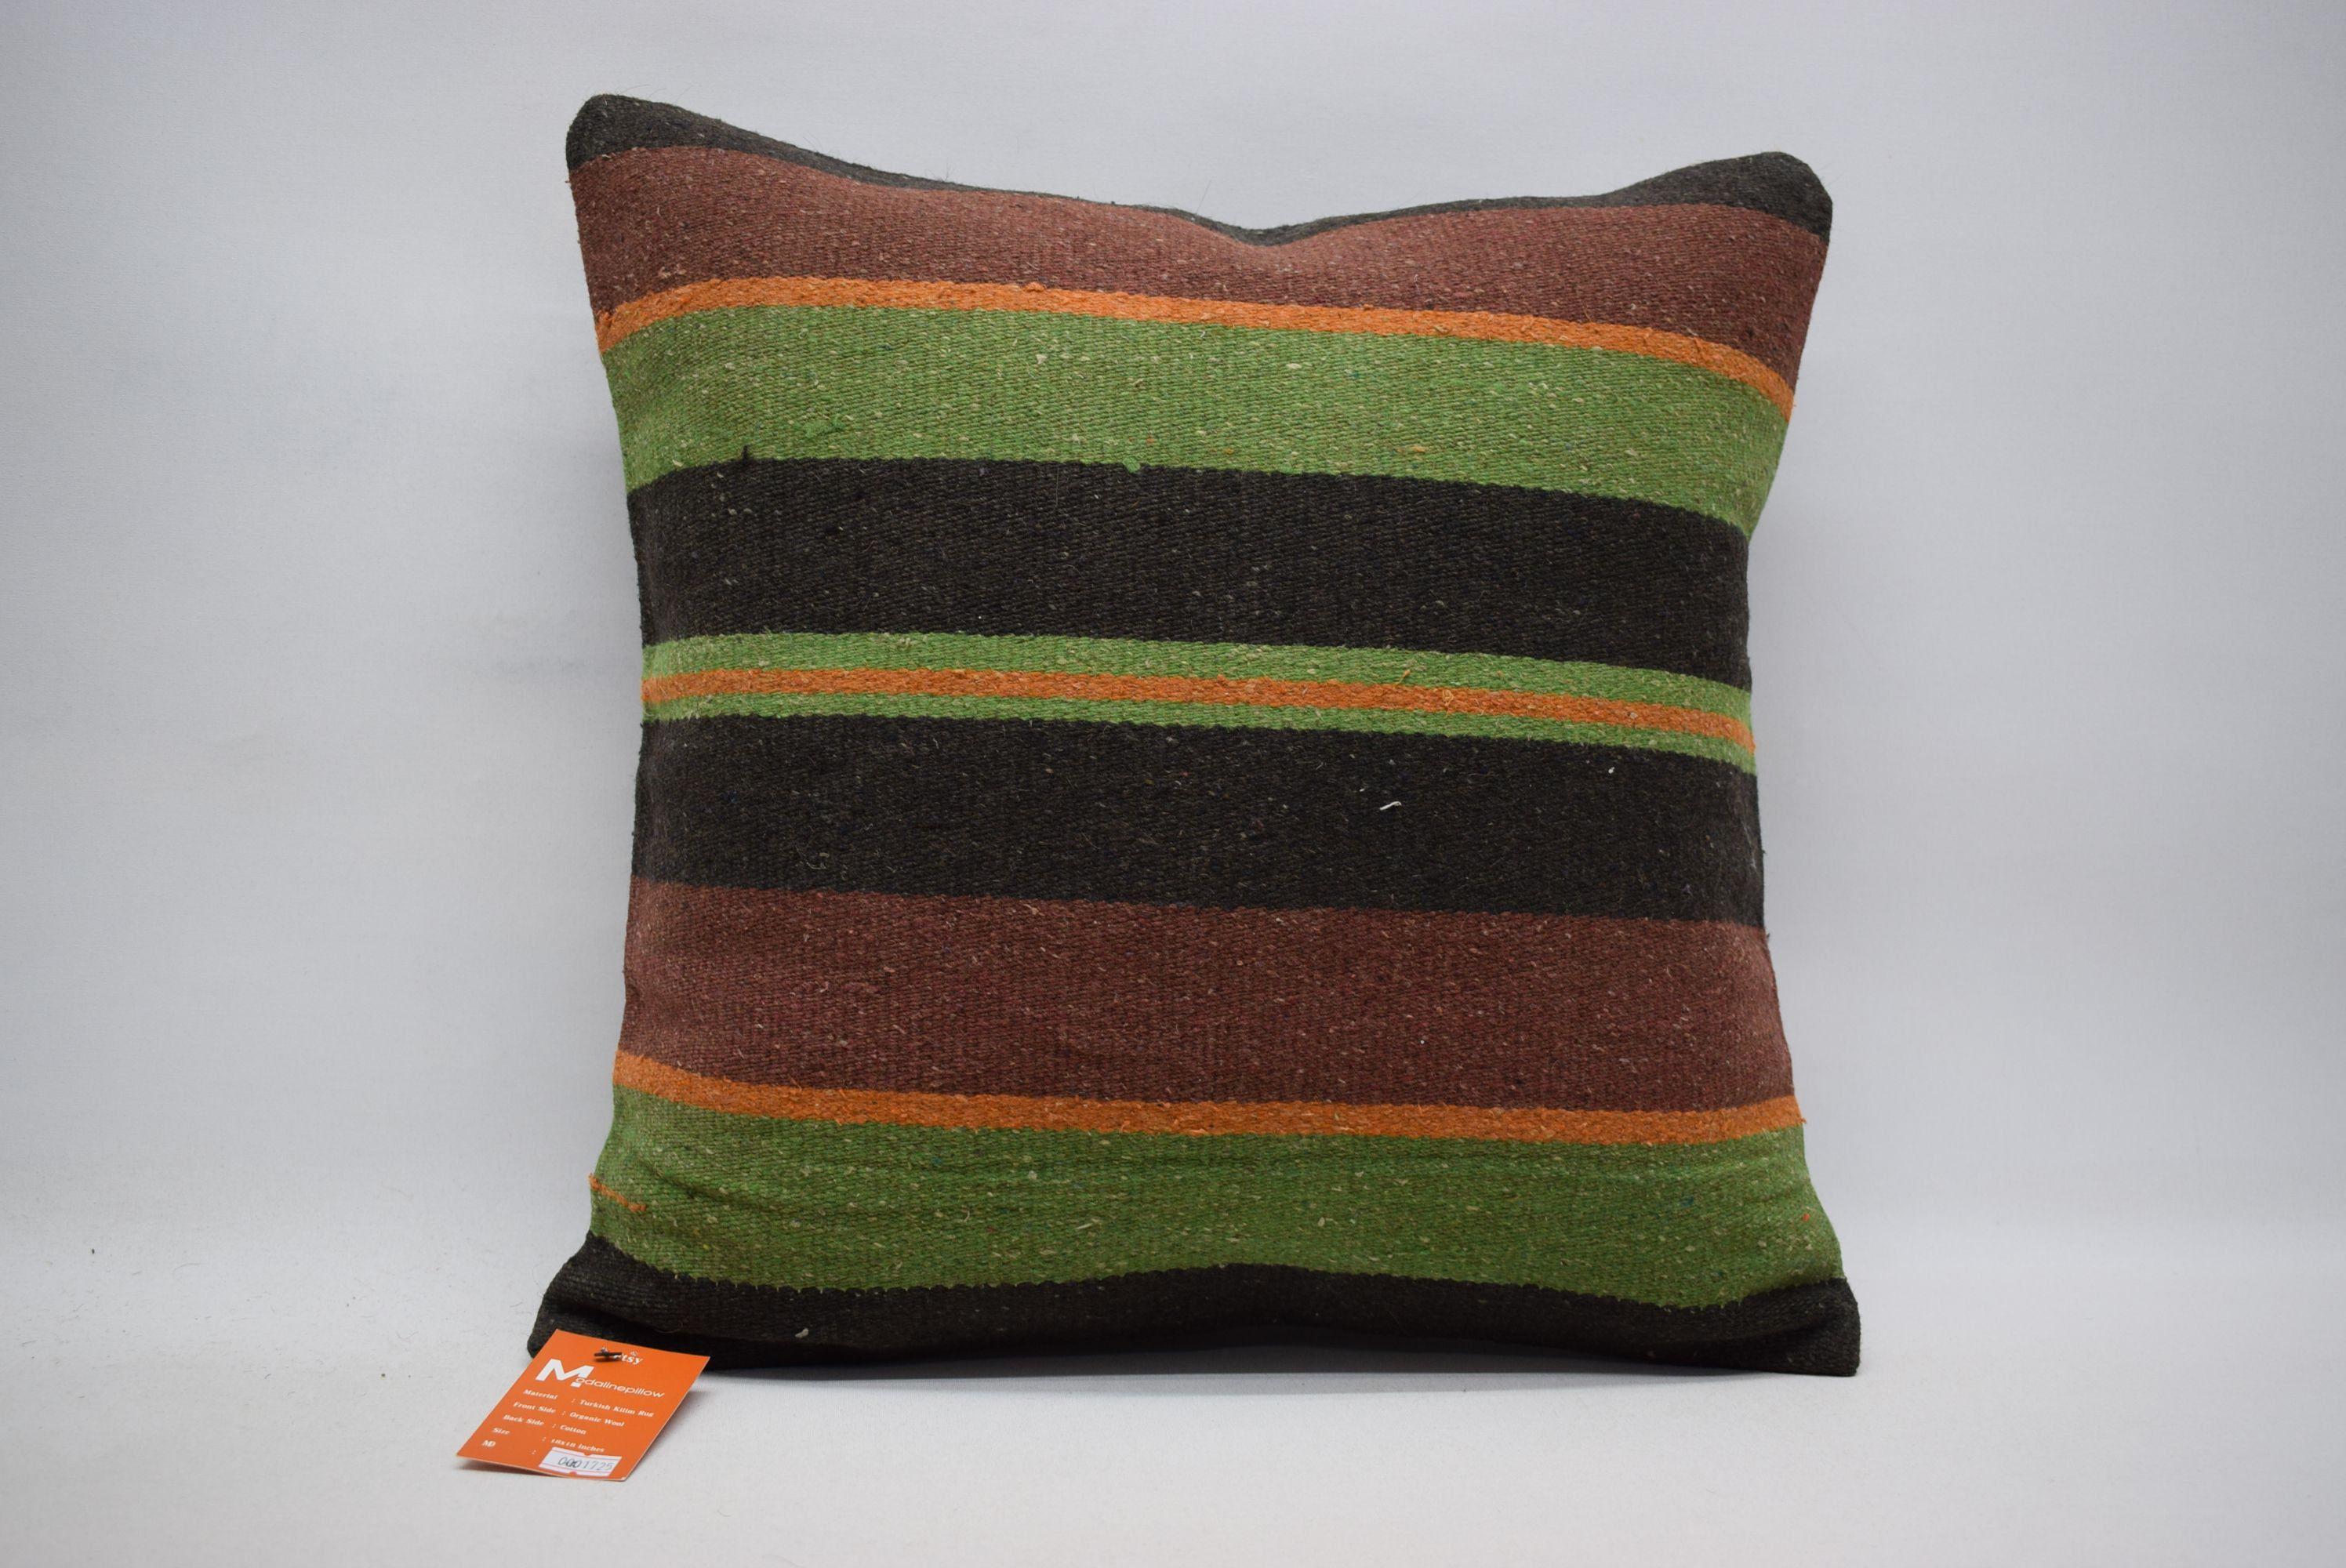 Multicolor pillows / kilim pillow / throw pillow / turkish pillow / bedding pillow 18x18 throw pillow / boho decor / kilim cushions 01725